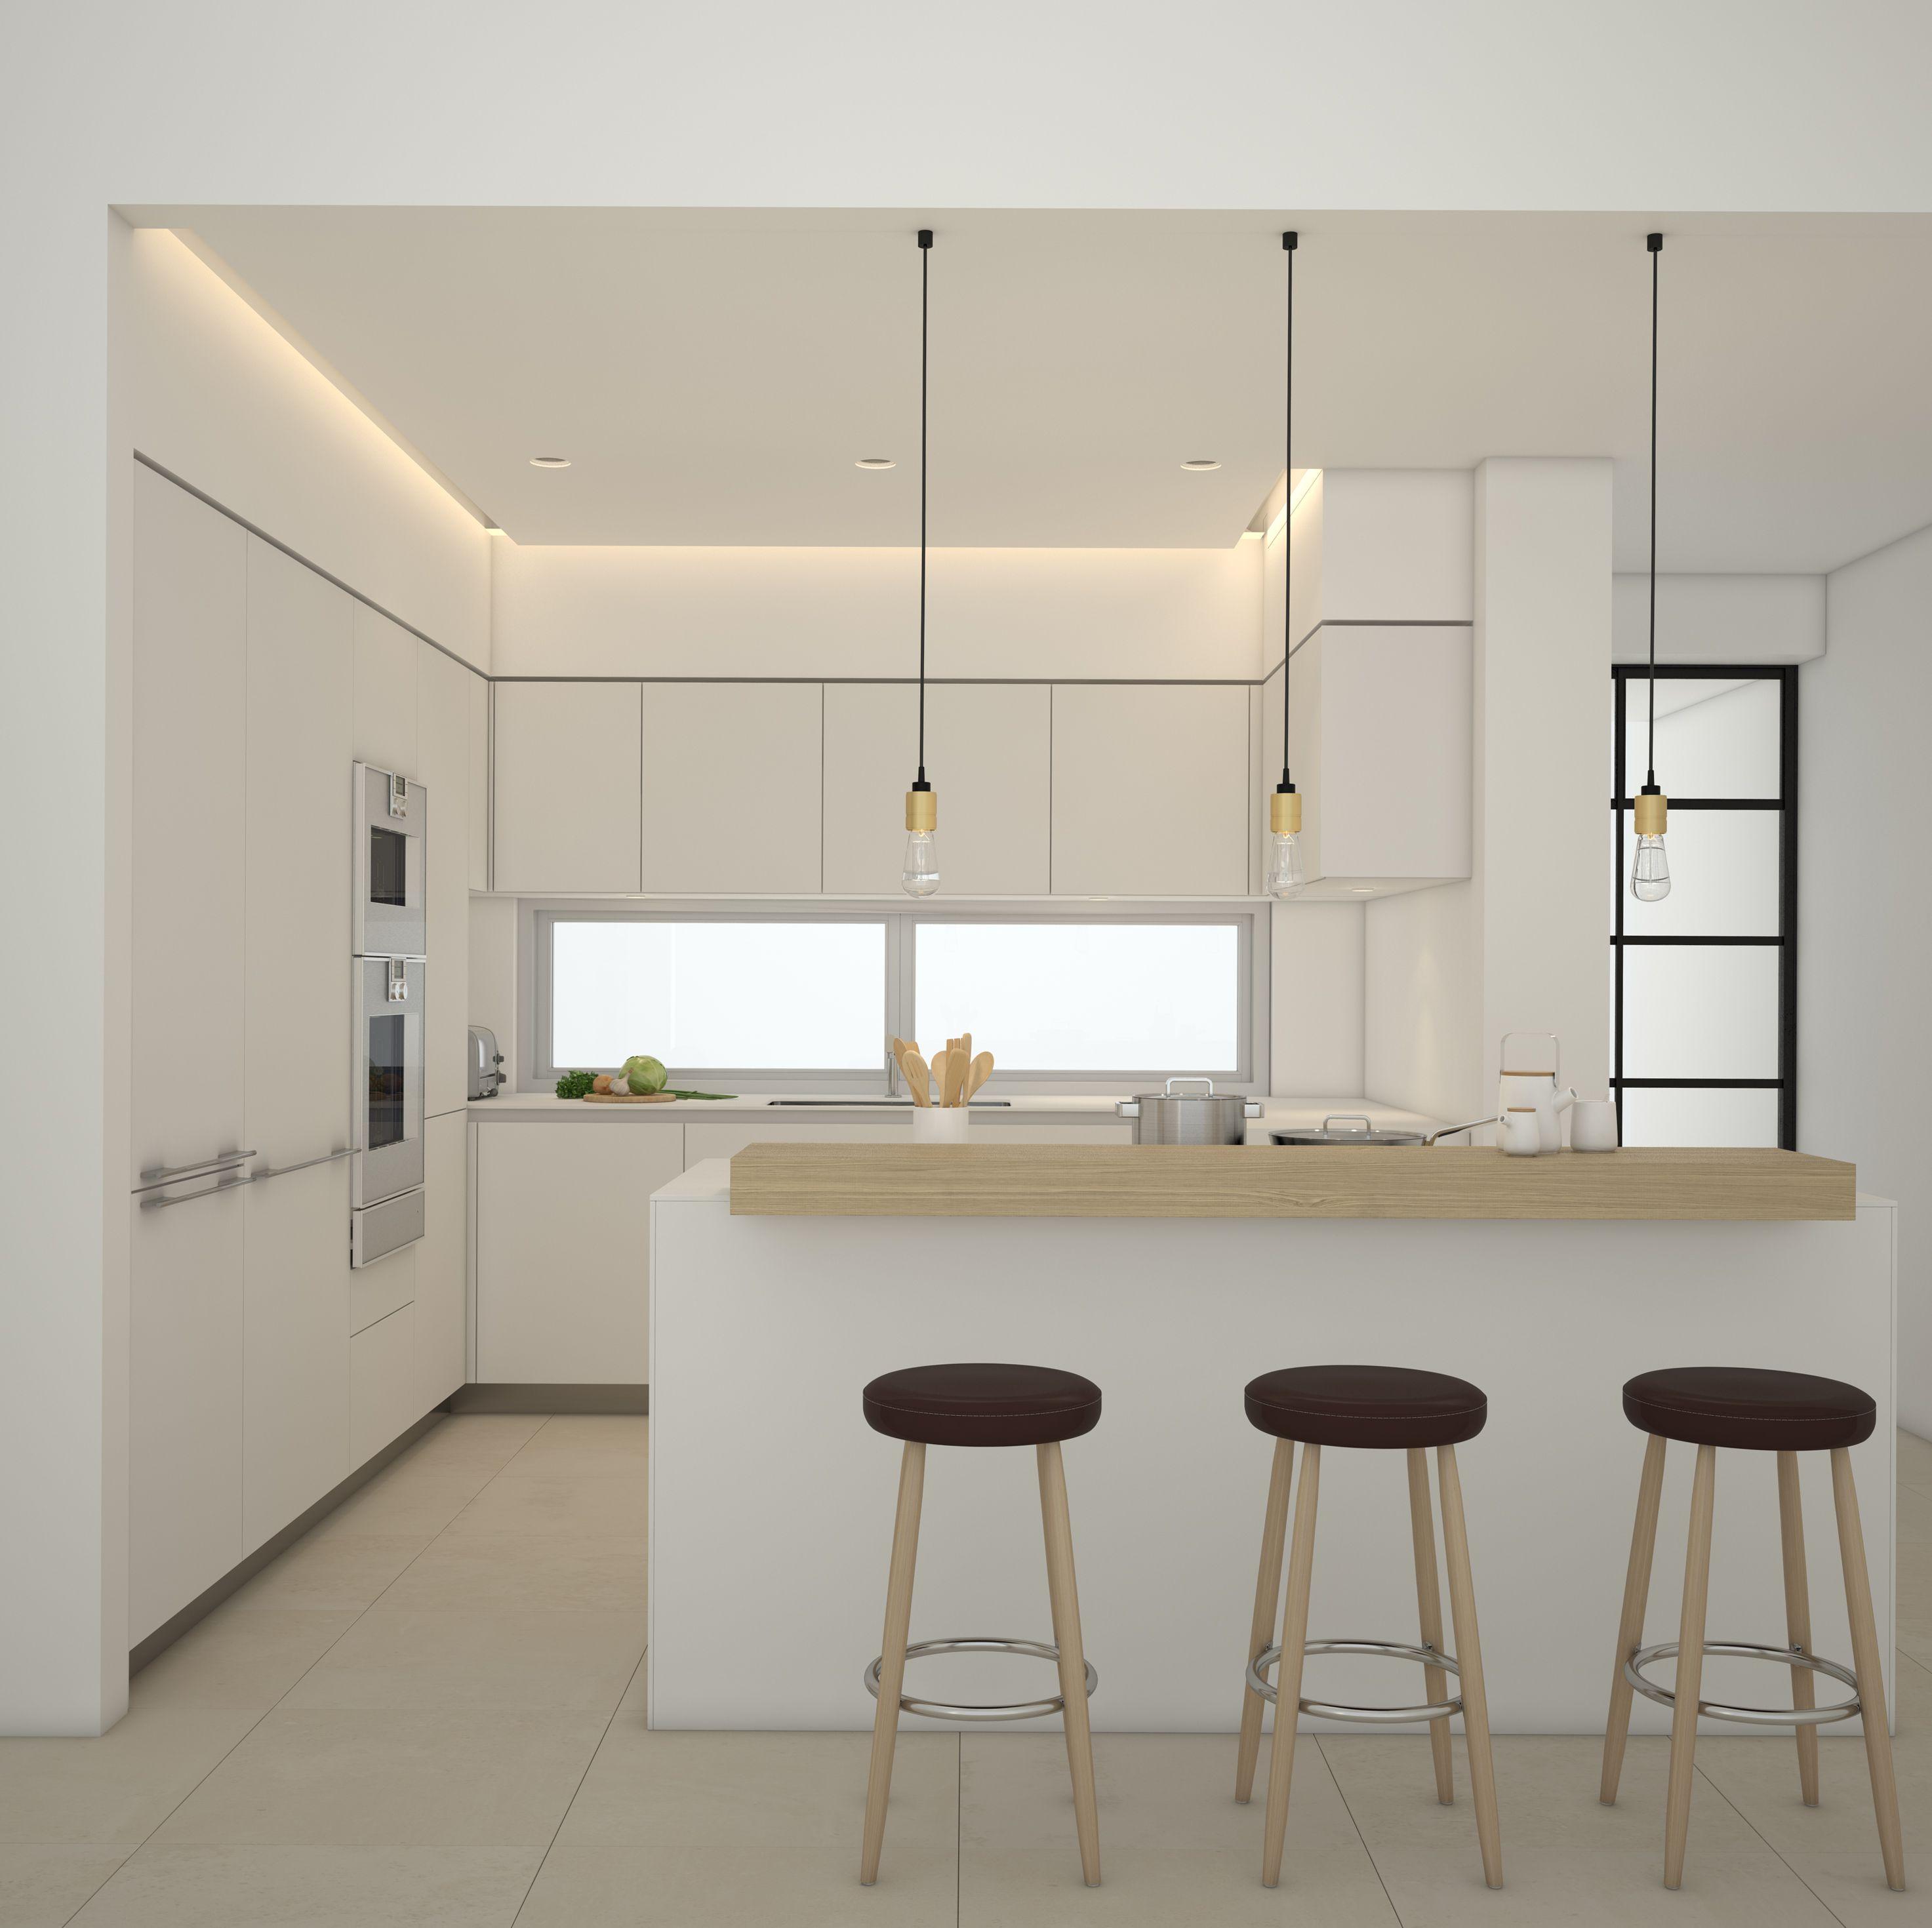 pour toute la famille bon out x Style classique Designer Veena Kalsi - bulthaup Cape Town | 3D | Home decor ...